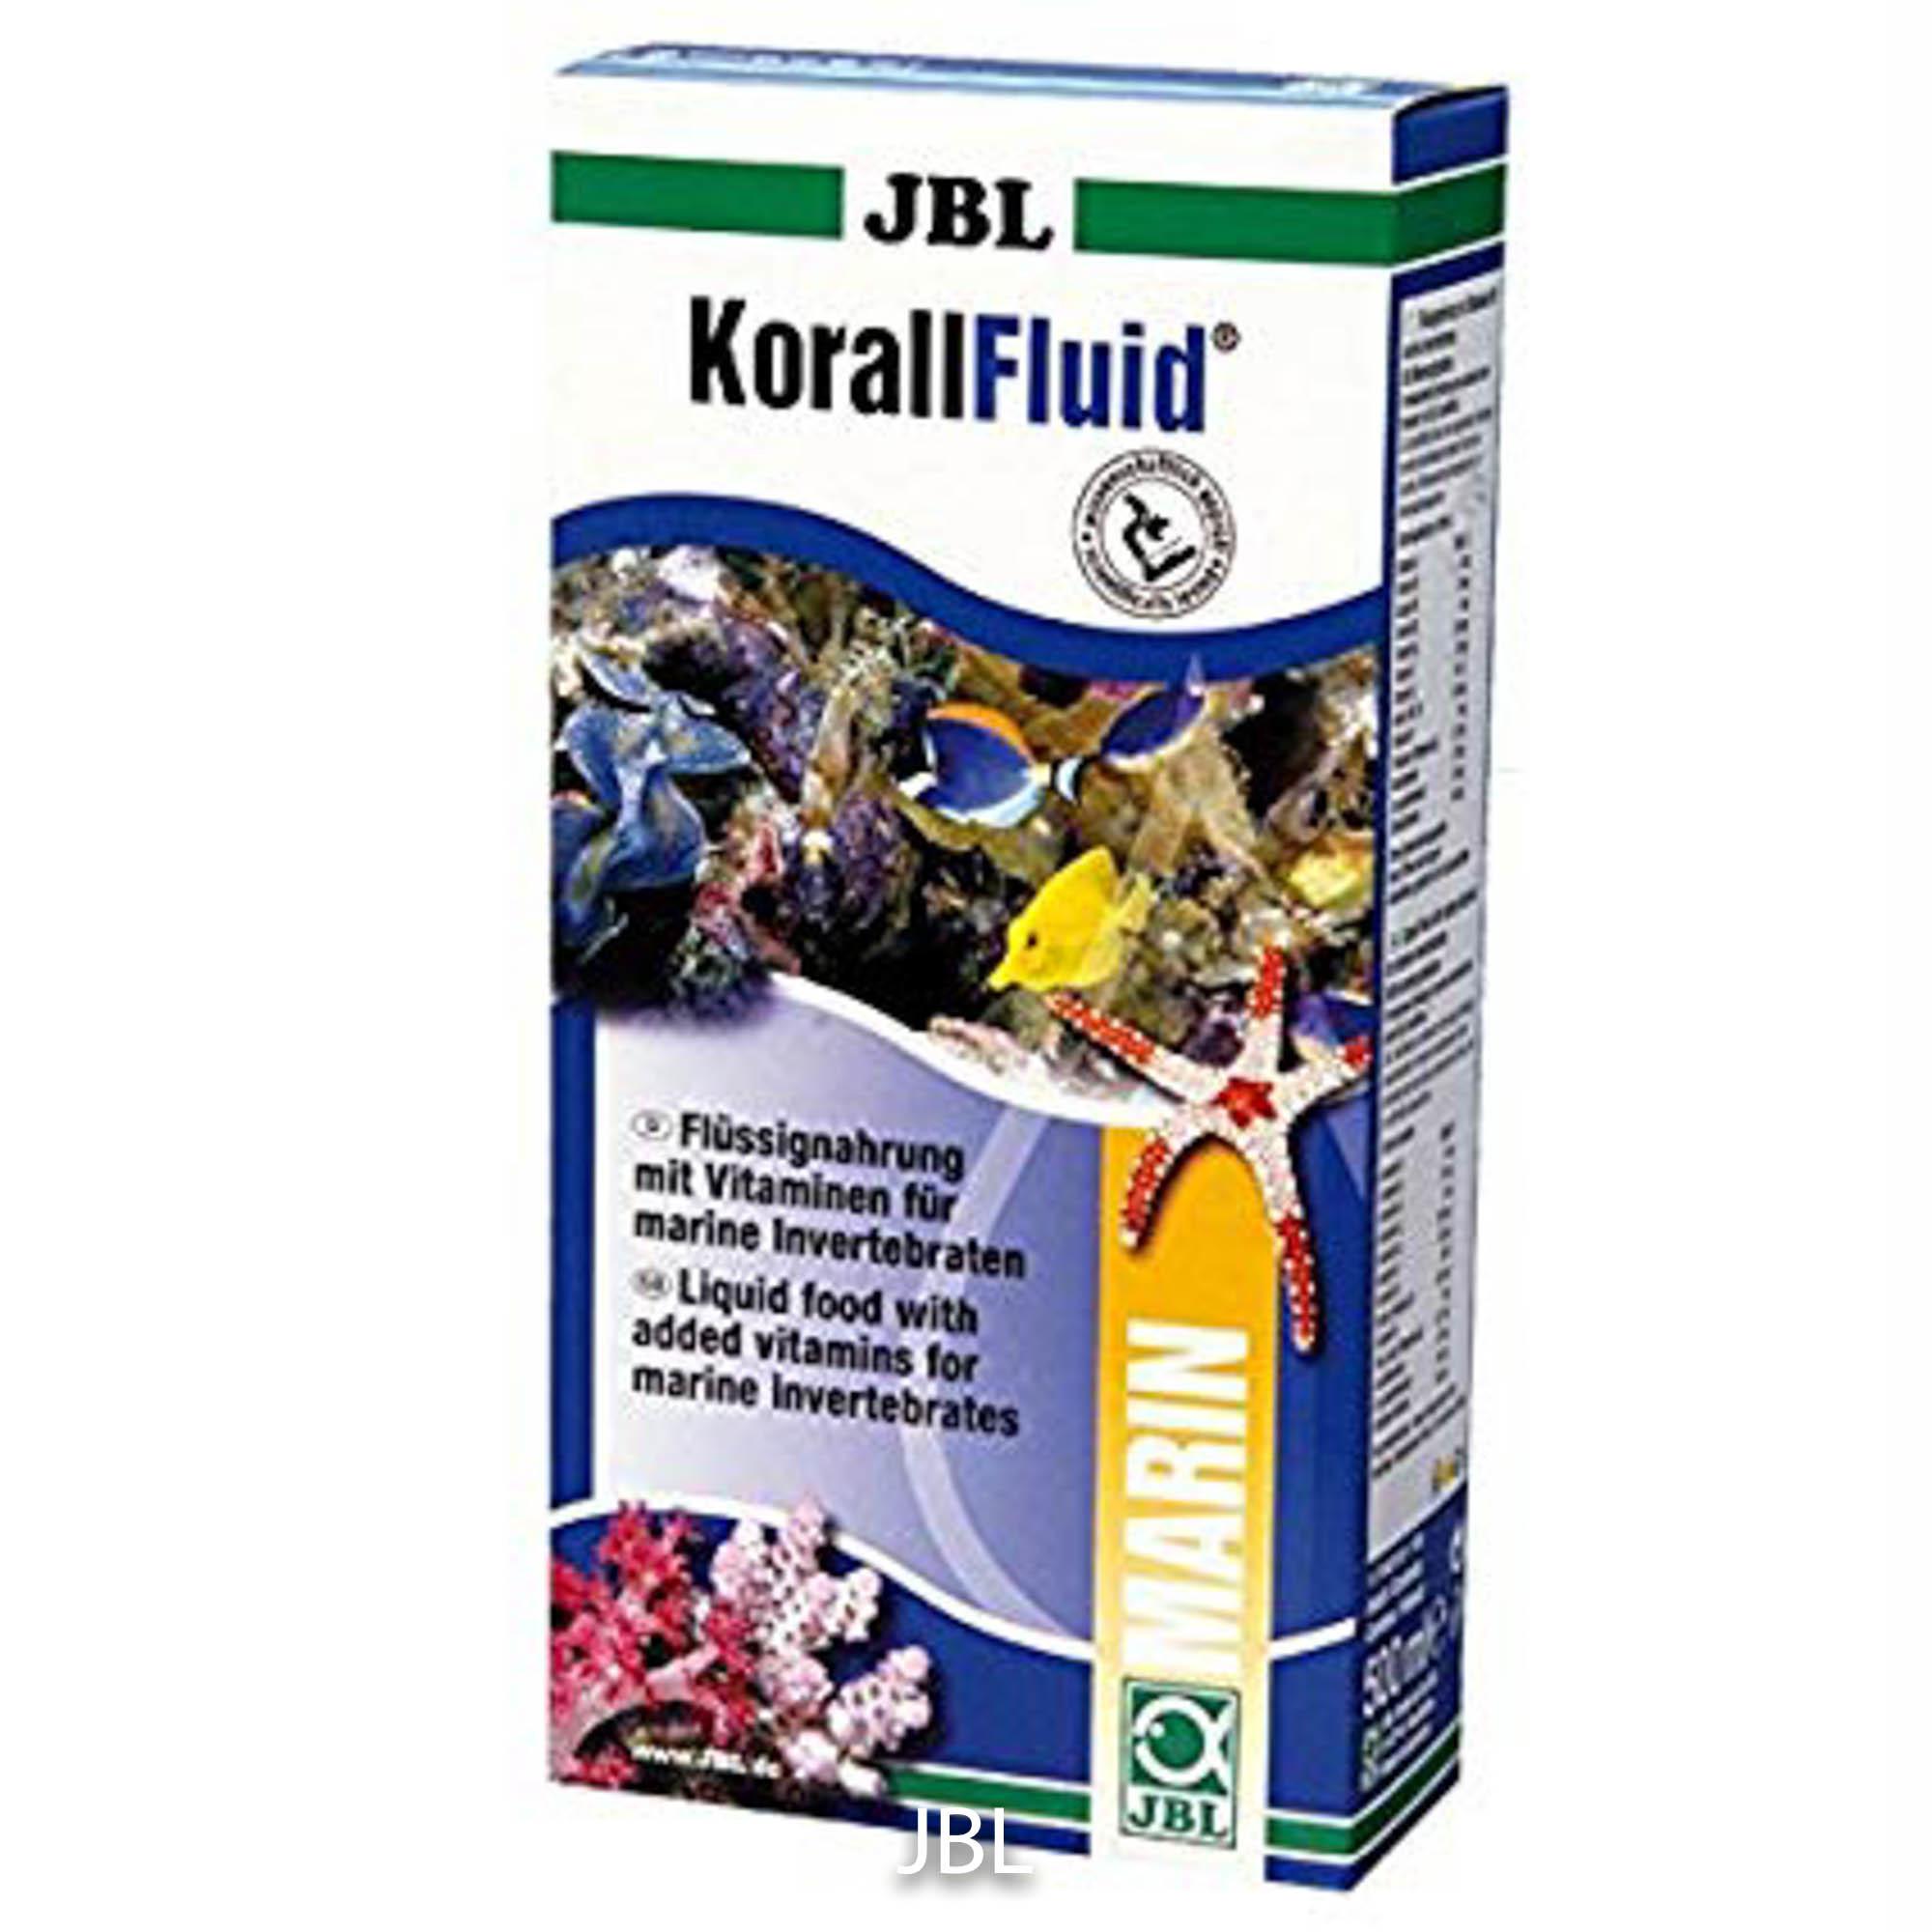 Корм для кораллов JBL Koral fliud 100 мл 900